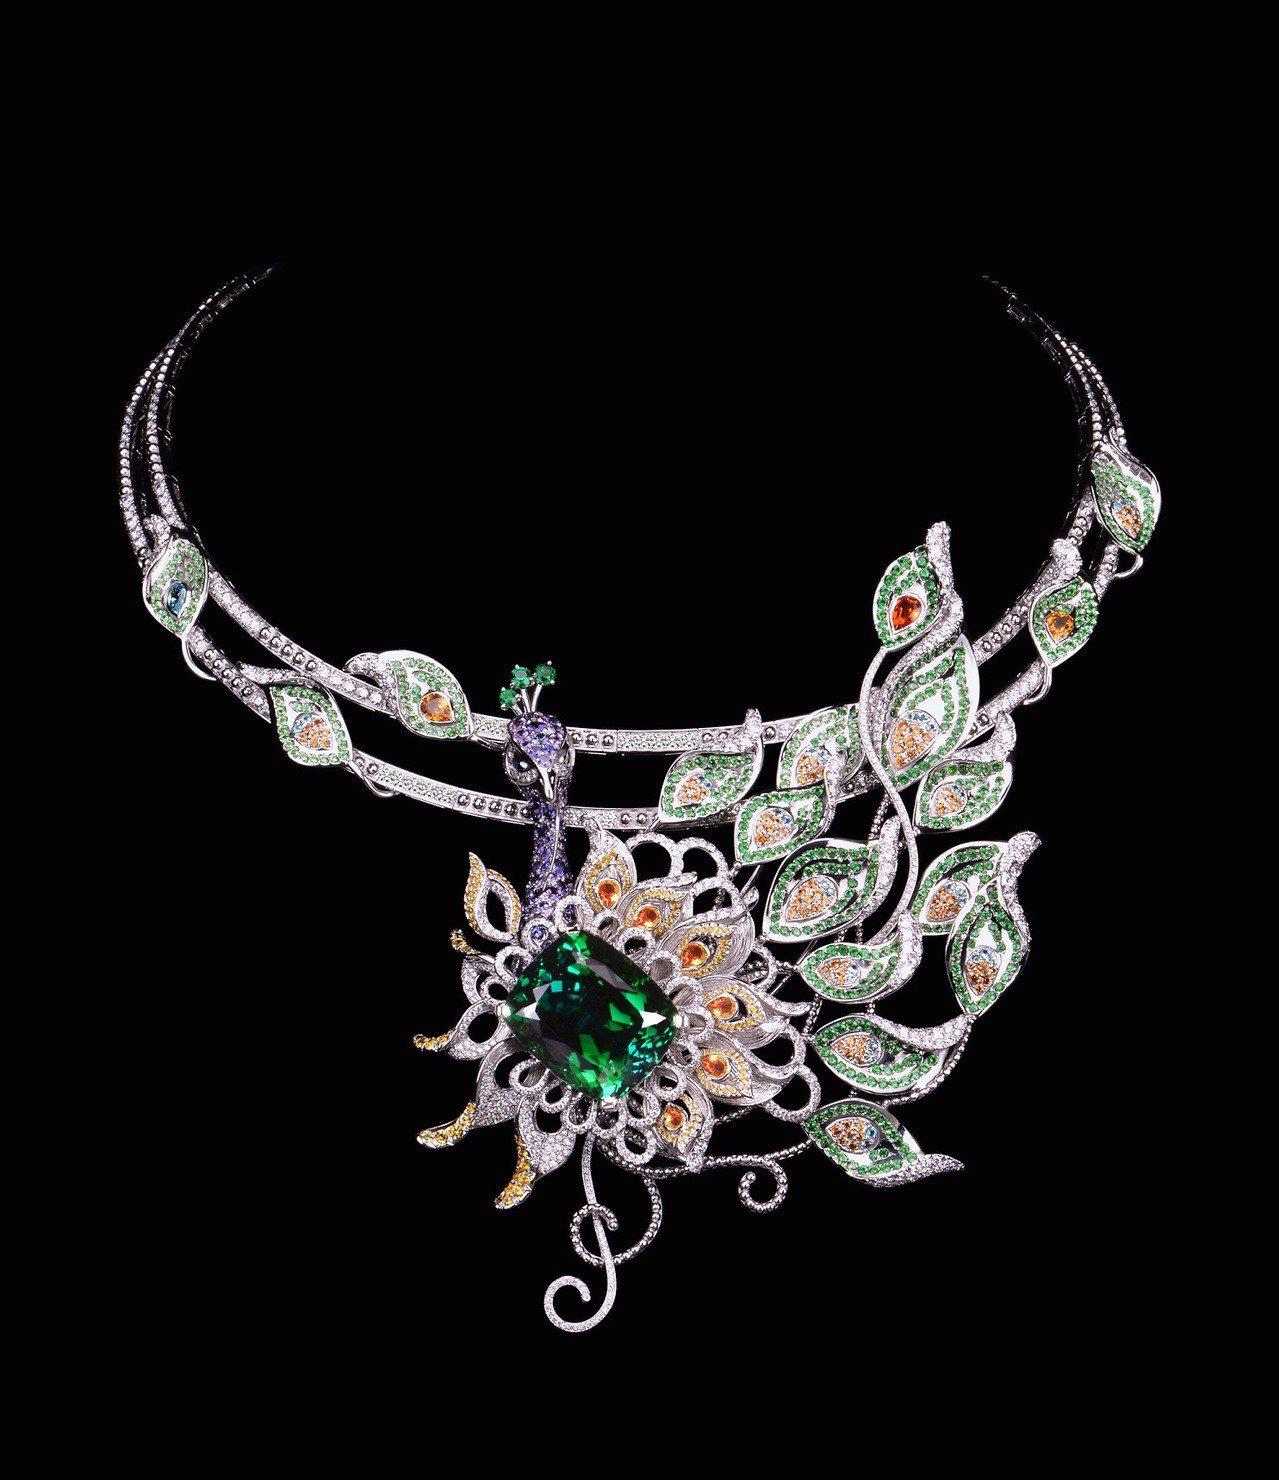 方國強歷時三年,打造出可轉換式綠孔雀頂級珠寶,使用翠綠色綠碧璽、錳鋁榴石、黃寶石...